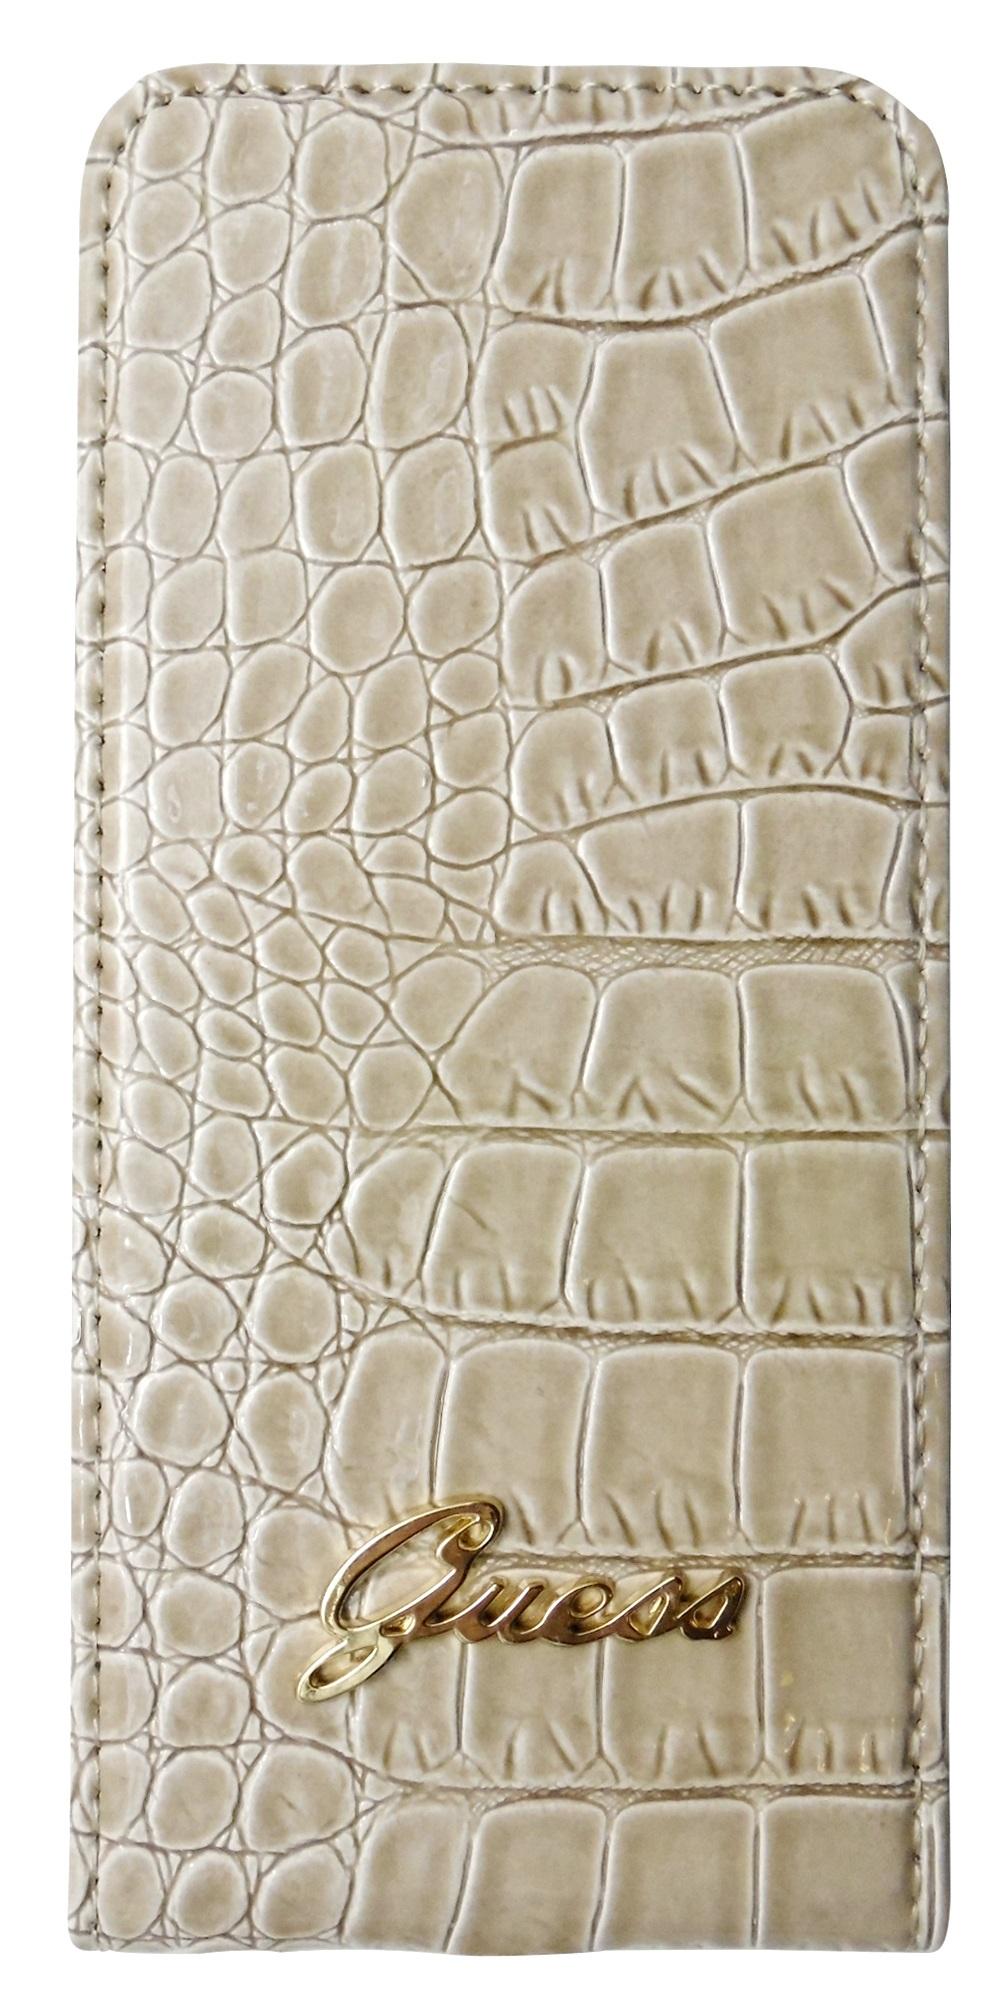 Husa Guess flip slim bej imitatie piele crocodil pentru Apple iPhone 5/5S/SE